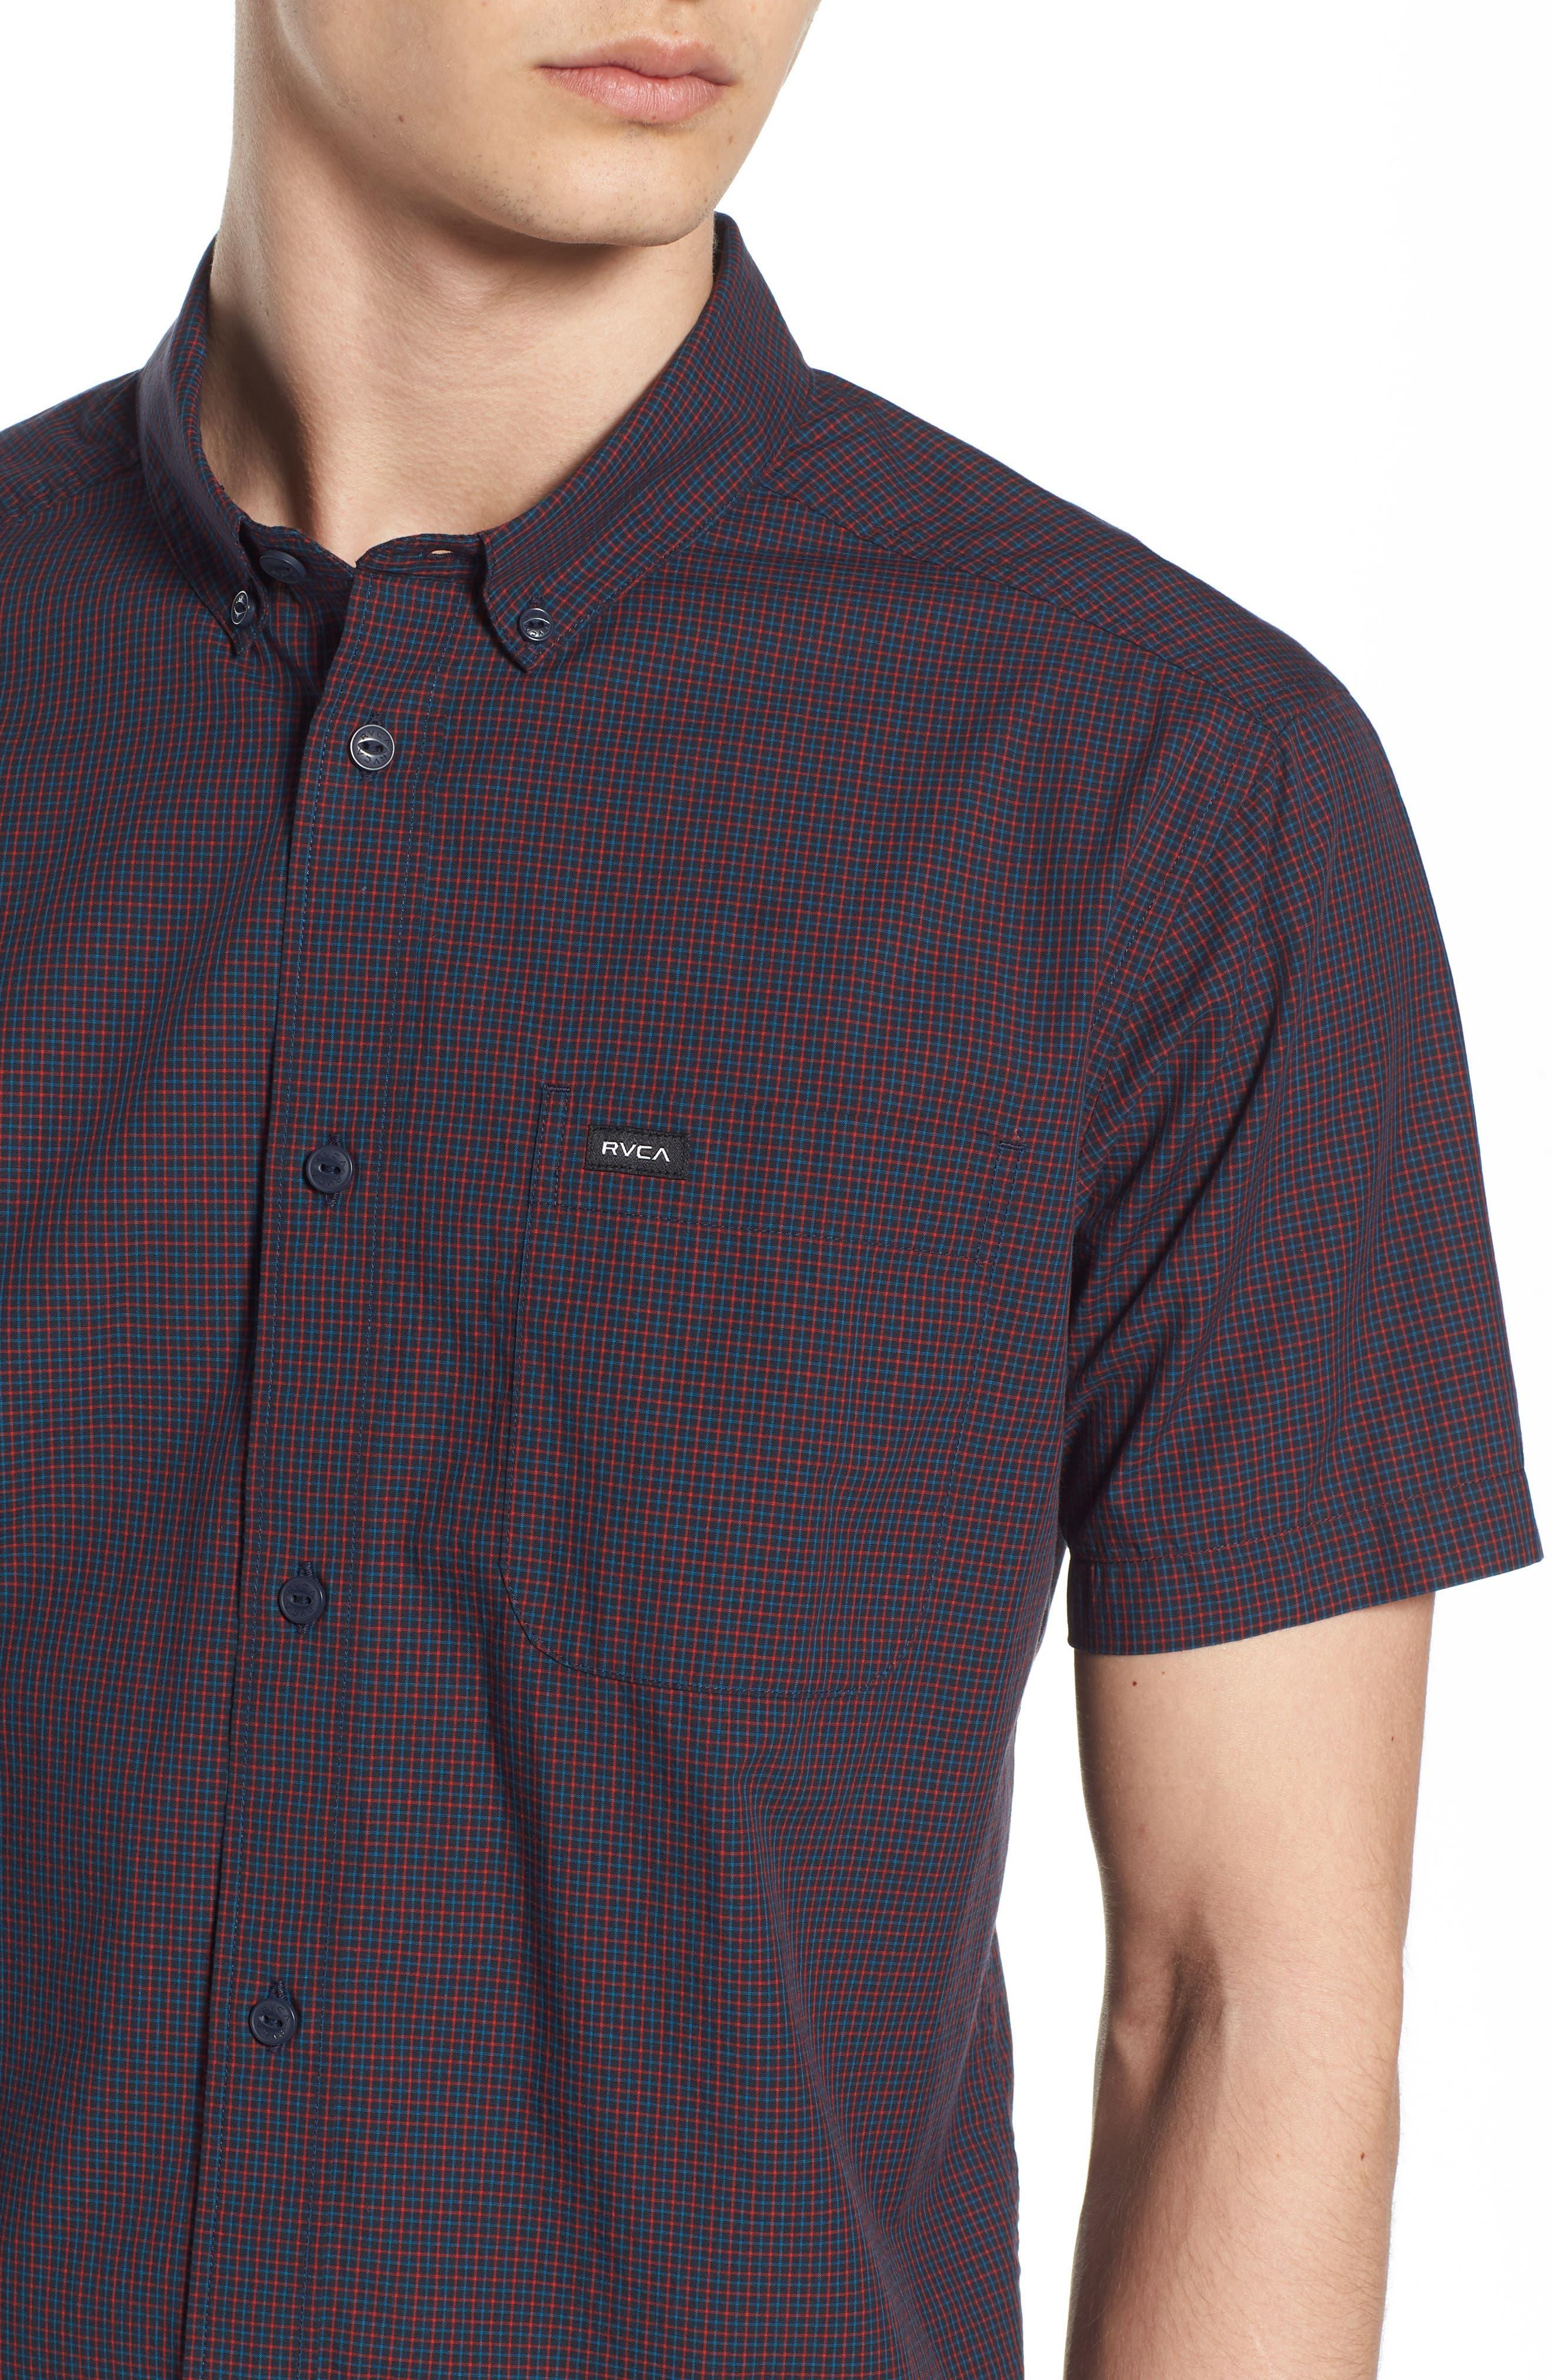 Staple Woven Shirt,                             Alternate thumbnail 4, color,                             NEW NAVY